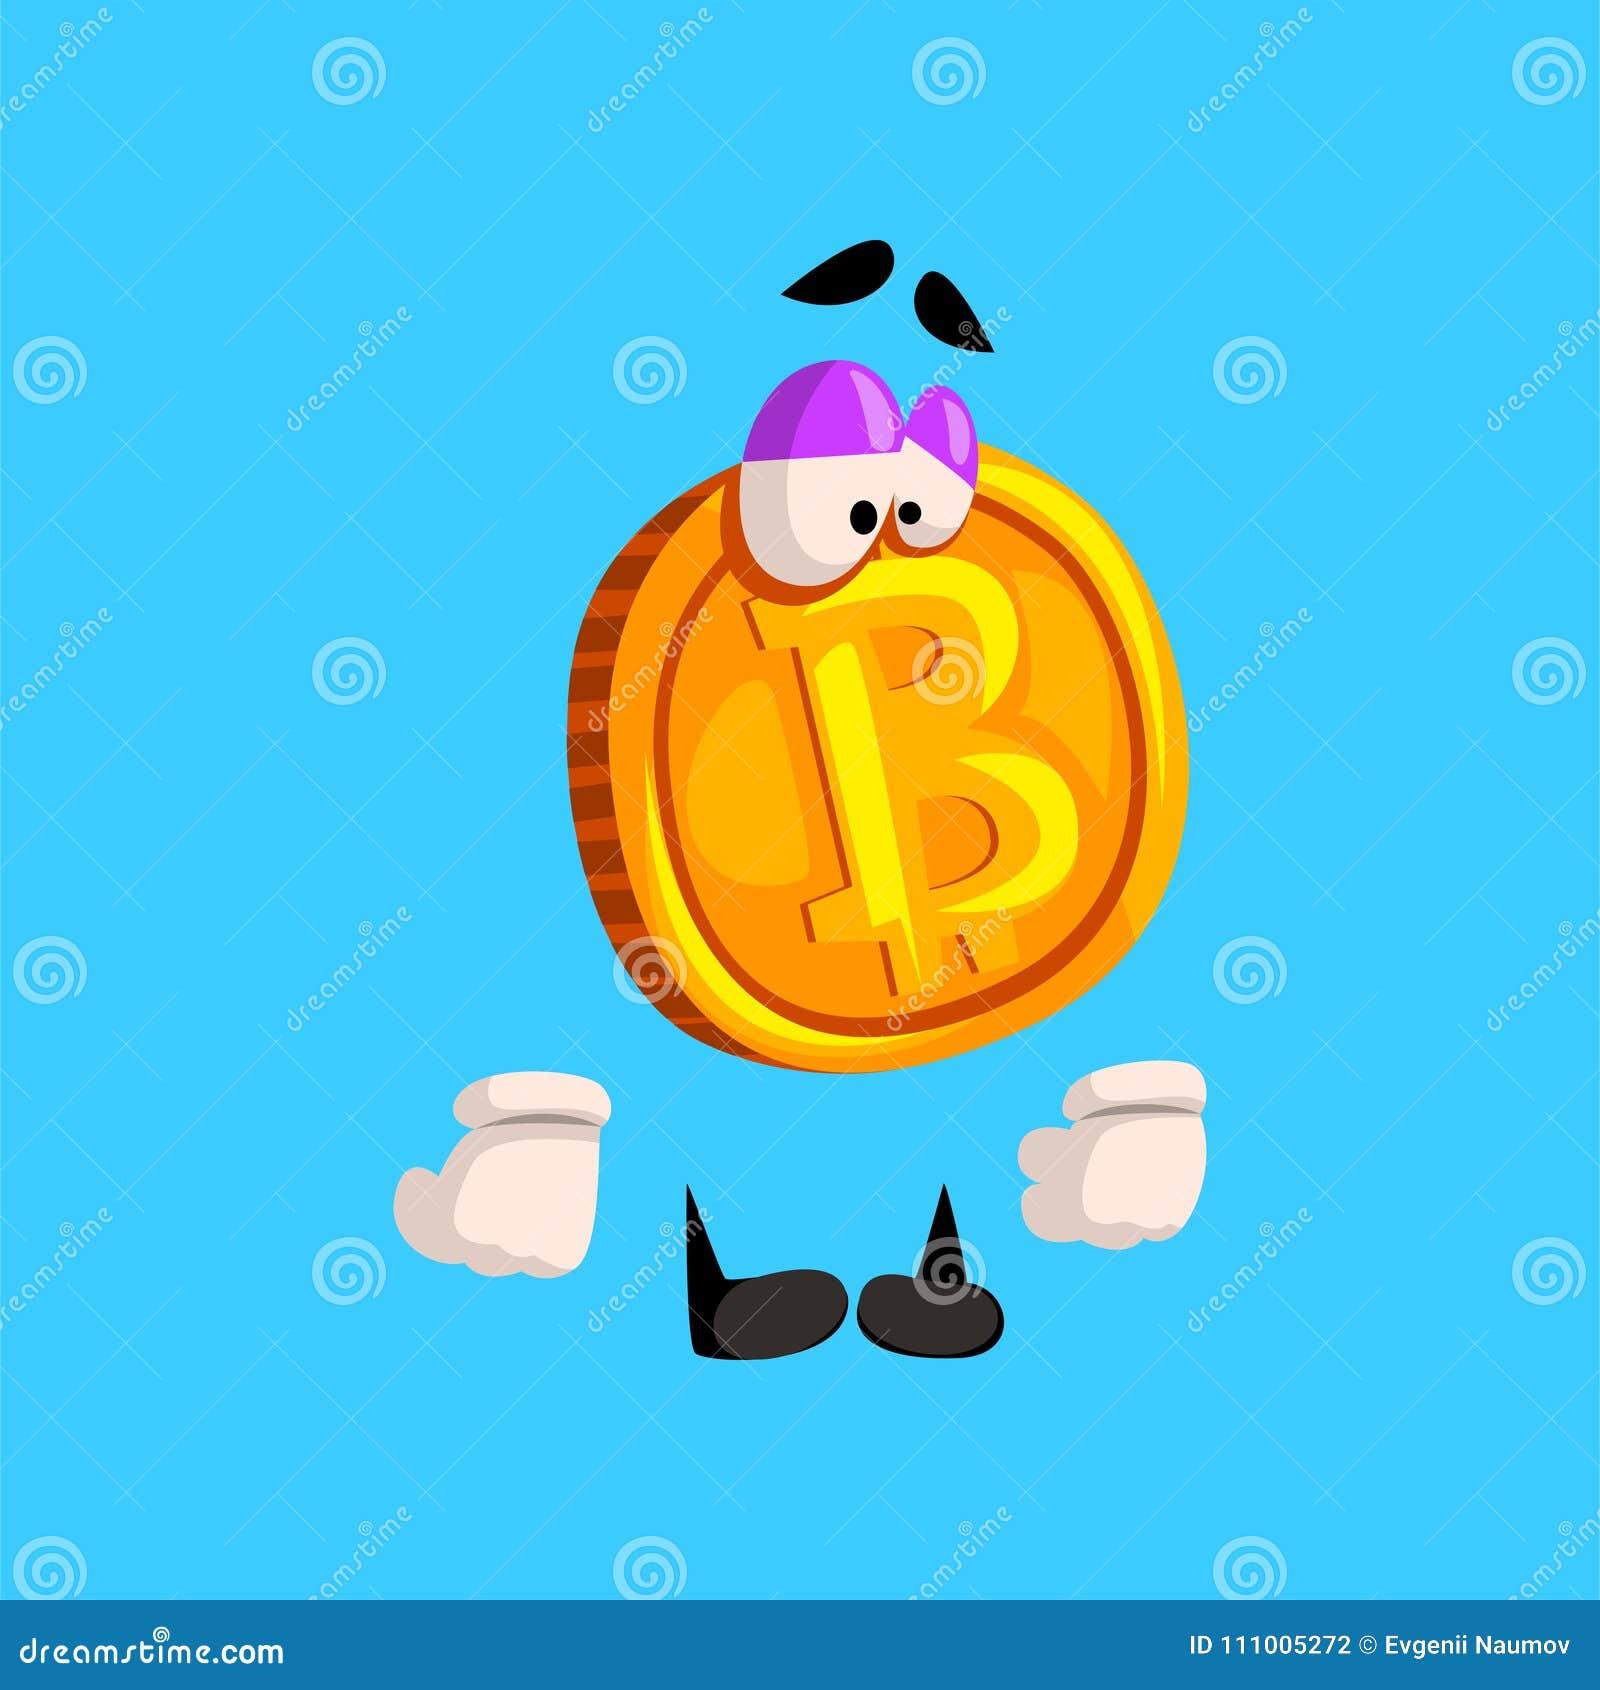 Bitcoin e criptovalute, occhio all'euforia, potrebbe costarvi carissima - fattorialeginestre.it